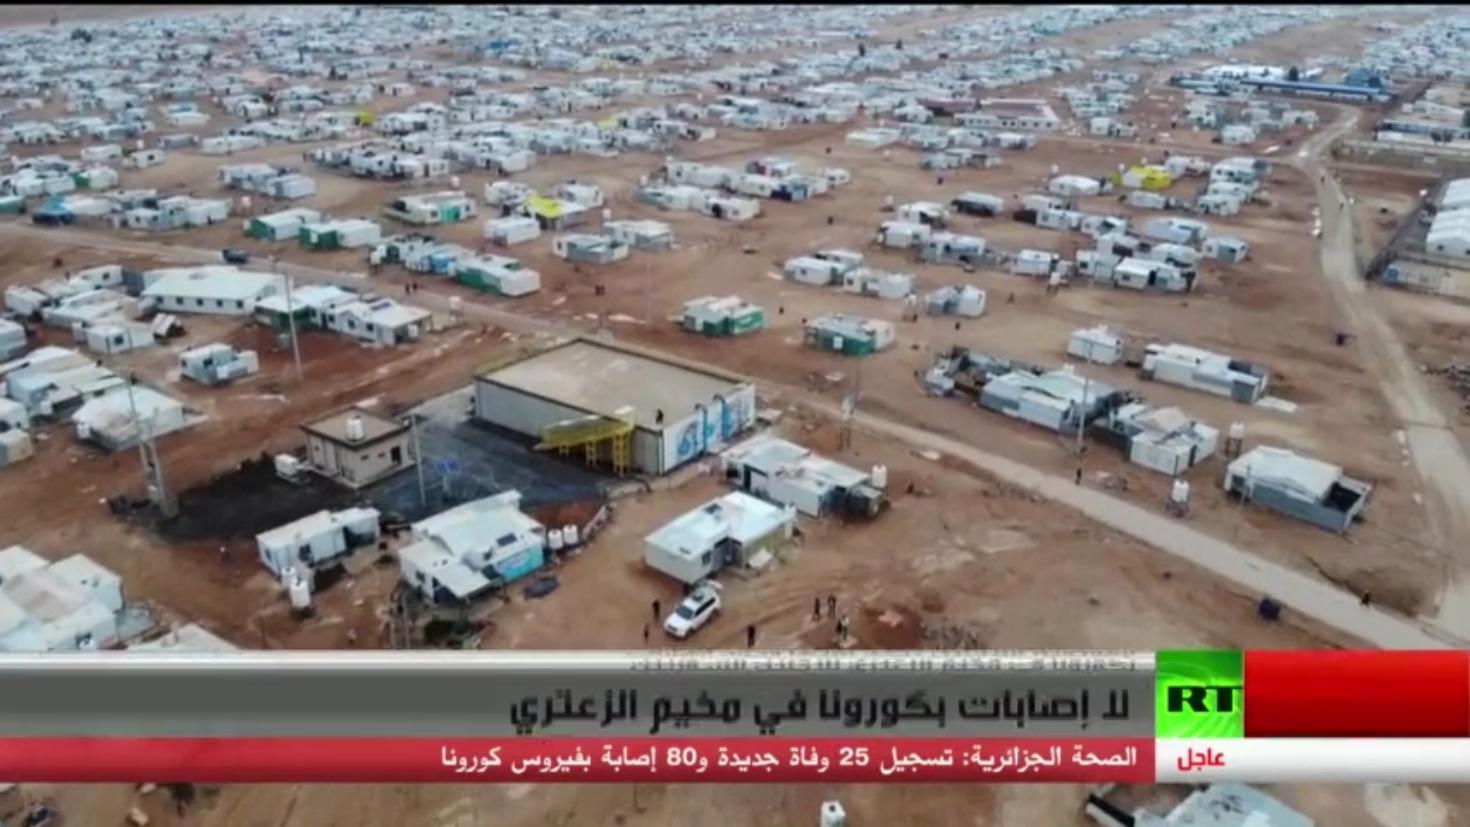 لا إصابات بكورونا في مخيم الزعتري